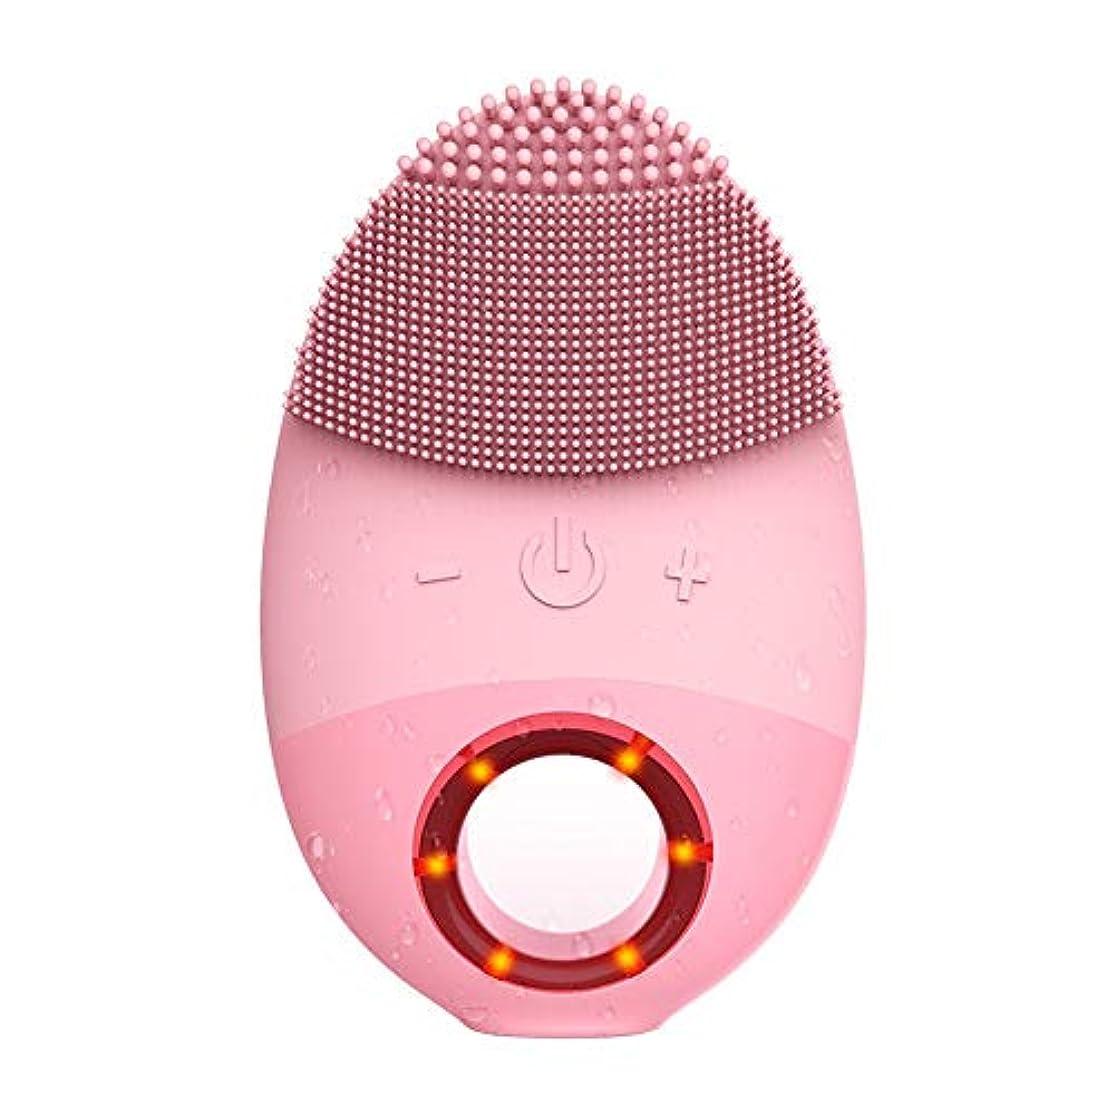 ジョセフバンクス冗談でお風呂を持っているZXF 多機能シリコン防水洗浄ブラシ超音波振動洗浄器具美容器具マッサージ器具洗浄器具 滑らかである (色 : Pink)